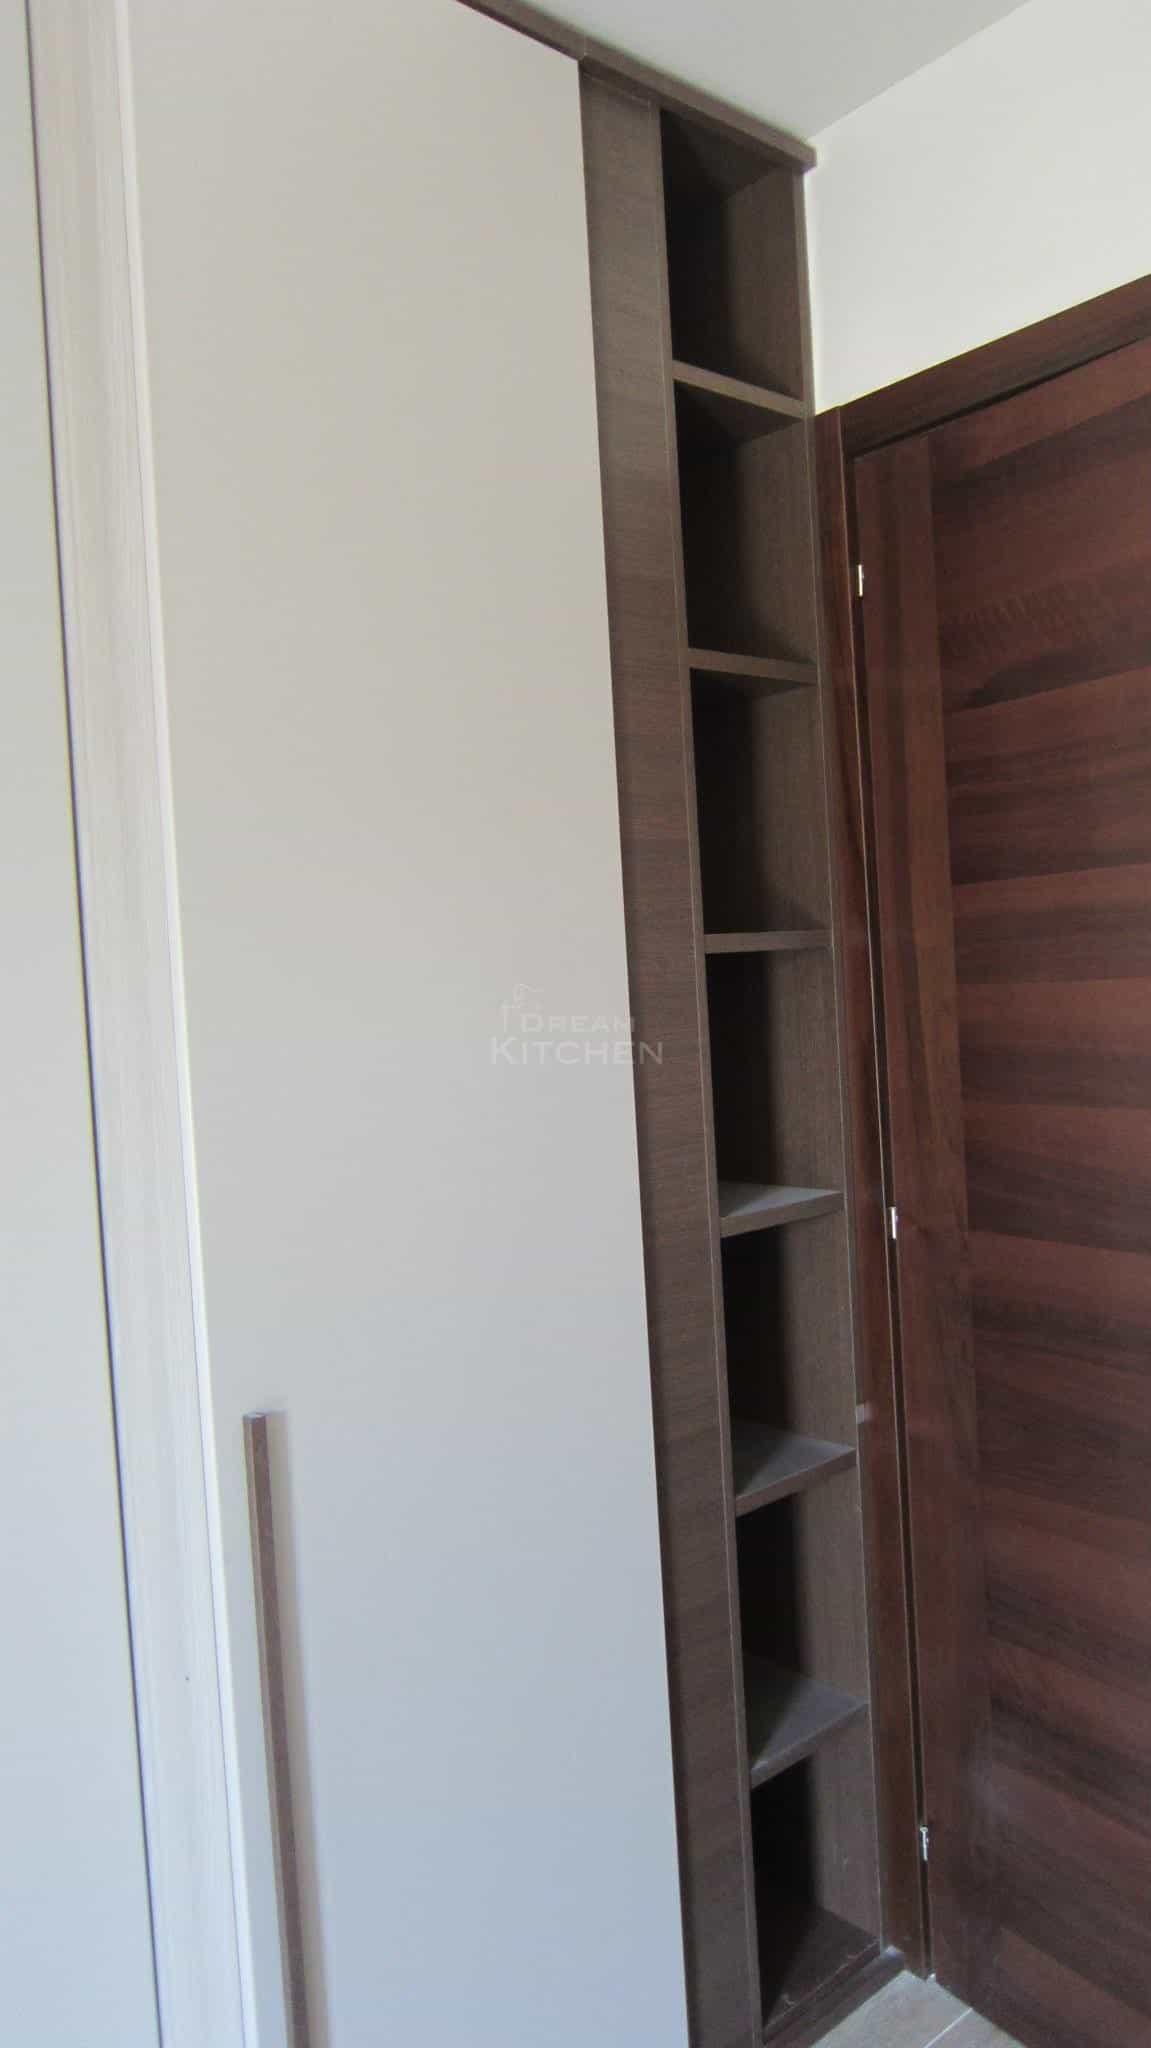 Πλήρης επίπλωση κατοικίας ντουλαπα βακελιτη 3